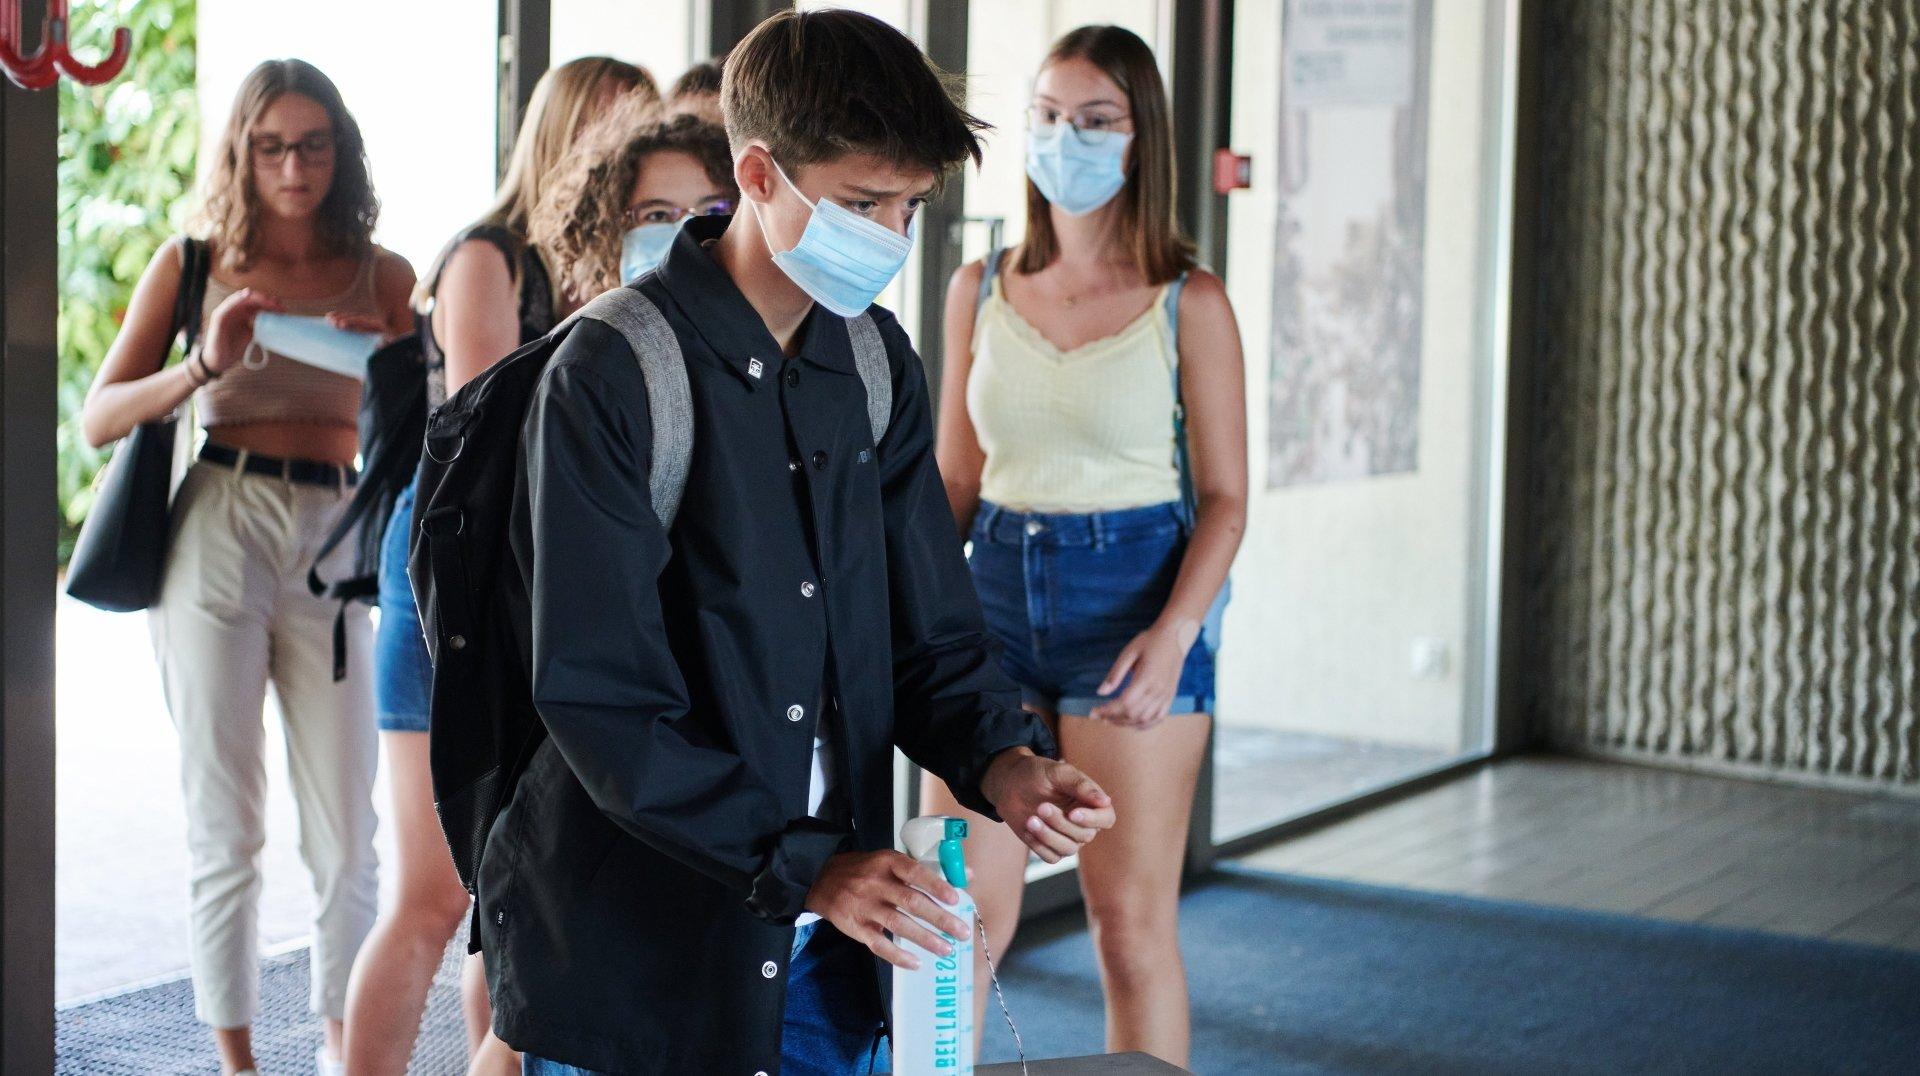 Les élèves neuchâtelois du post-obligatoire garderont le masque